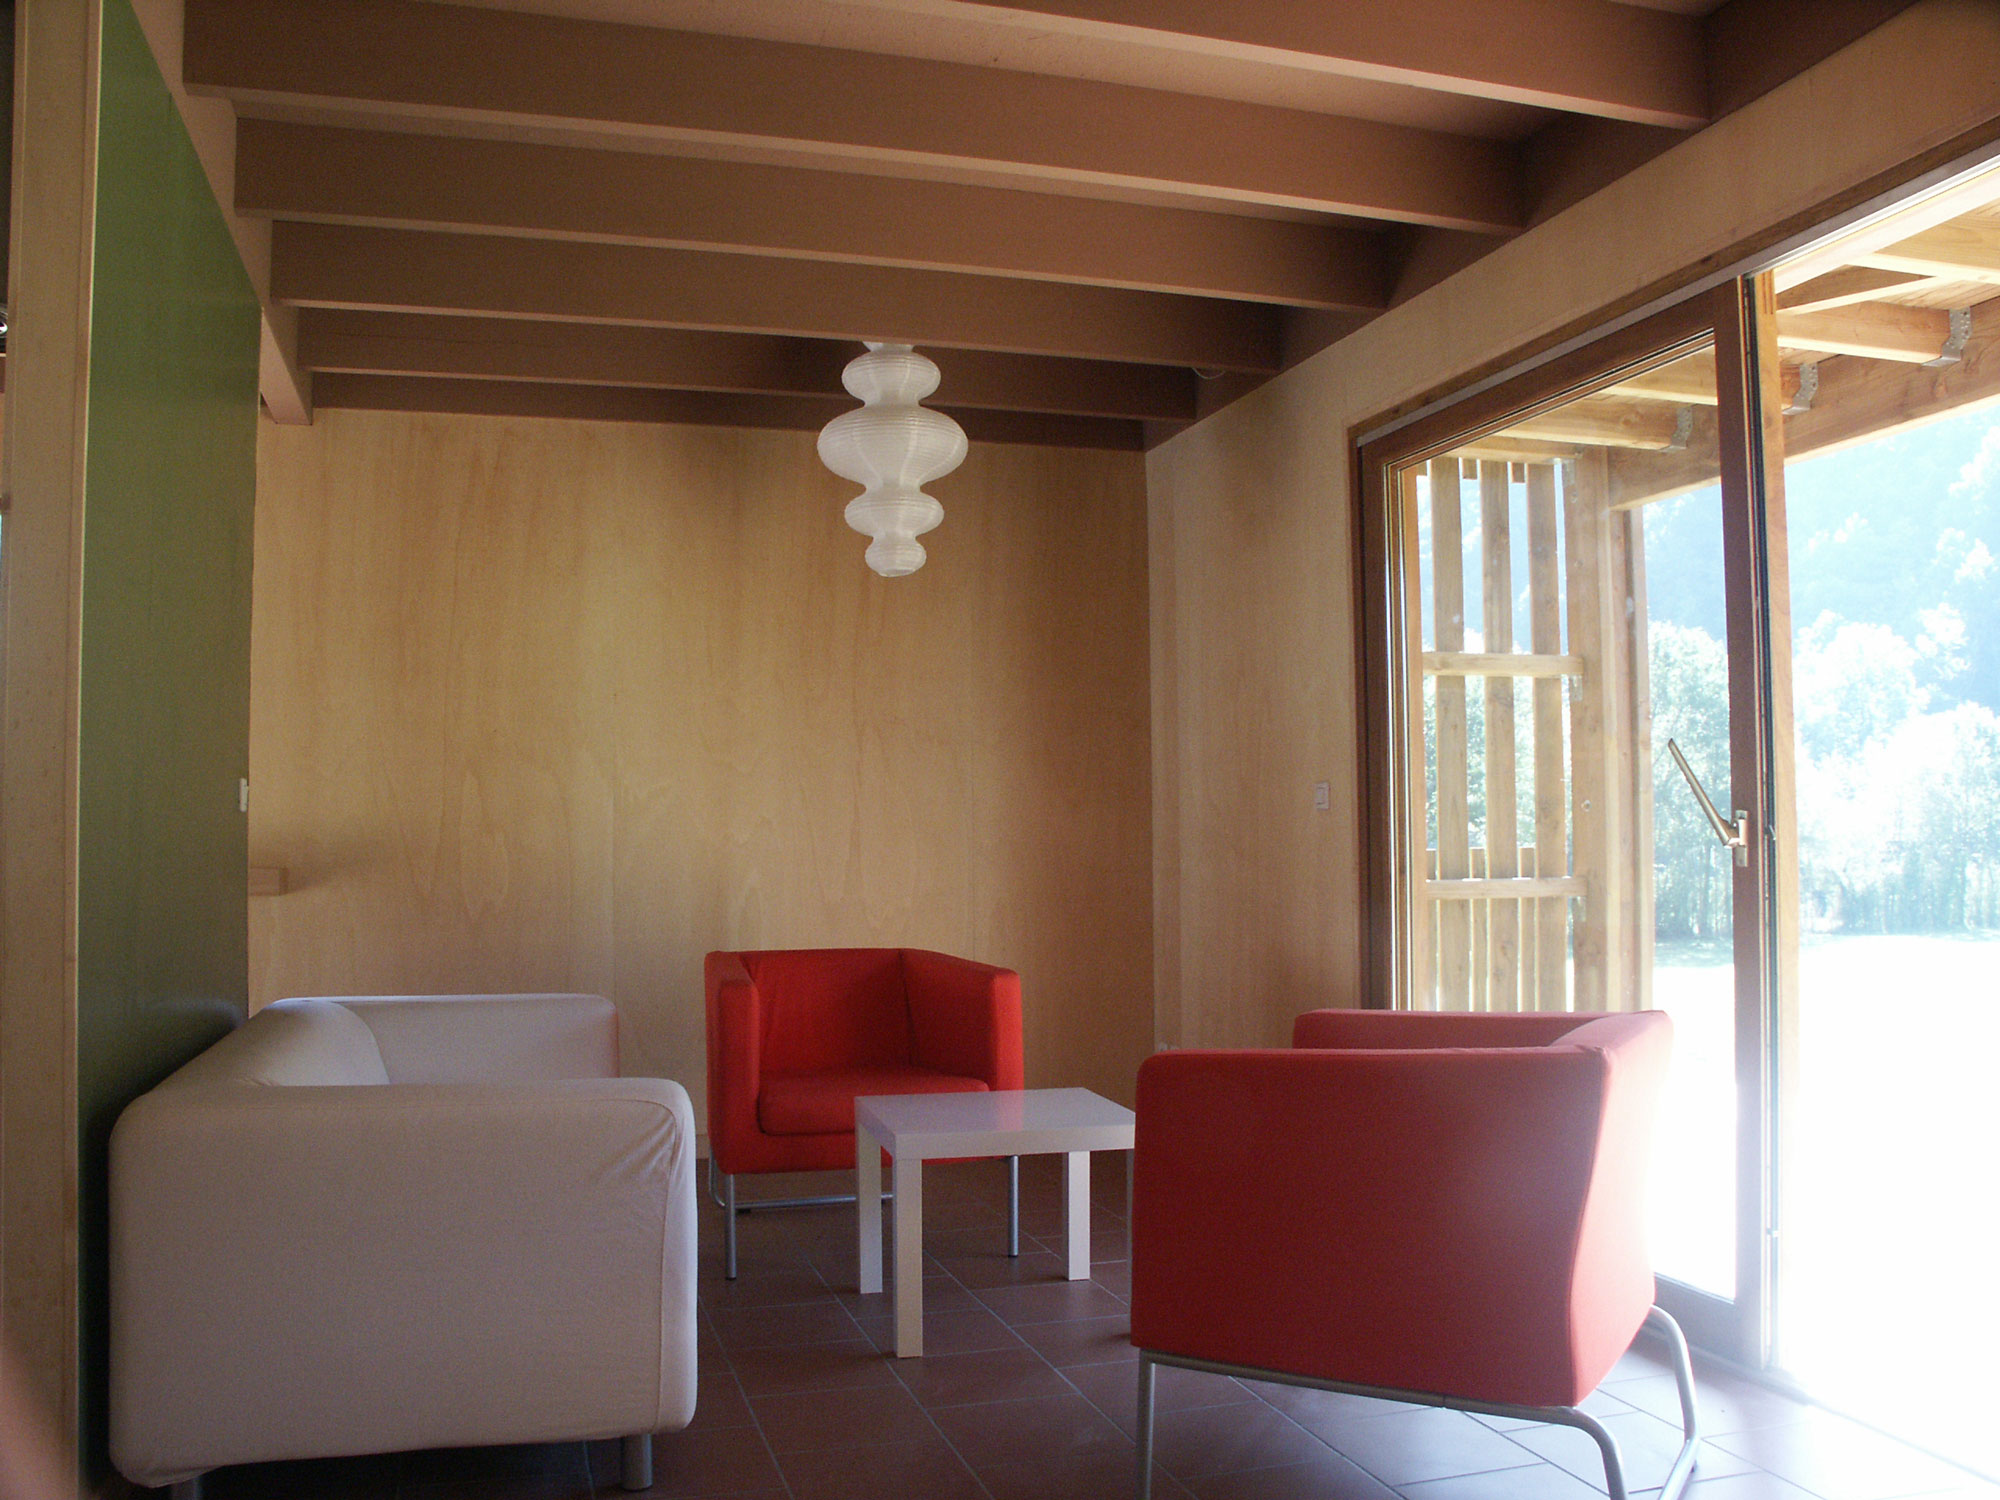 gites-commun-architecture-bois-interieurs-08